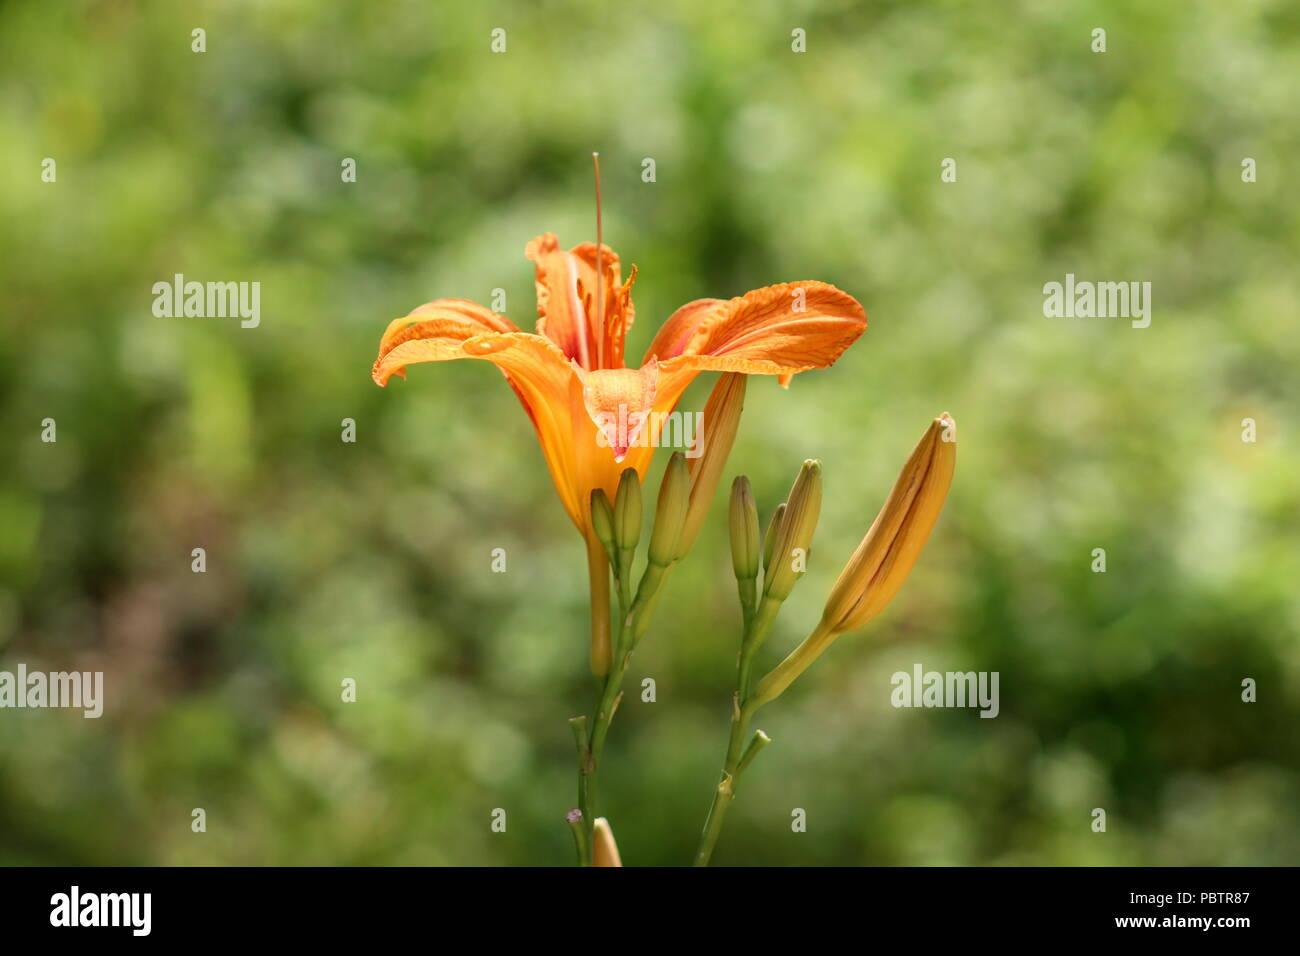 Lily Lilium Ou Jaune Orange Fleur Vivace Floraison Unique Entoure De